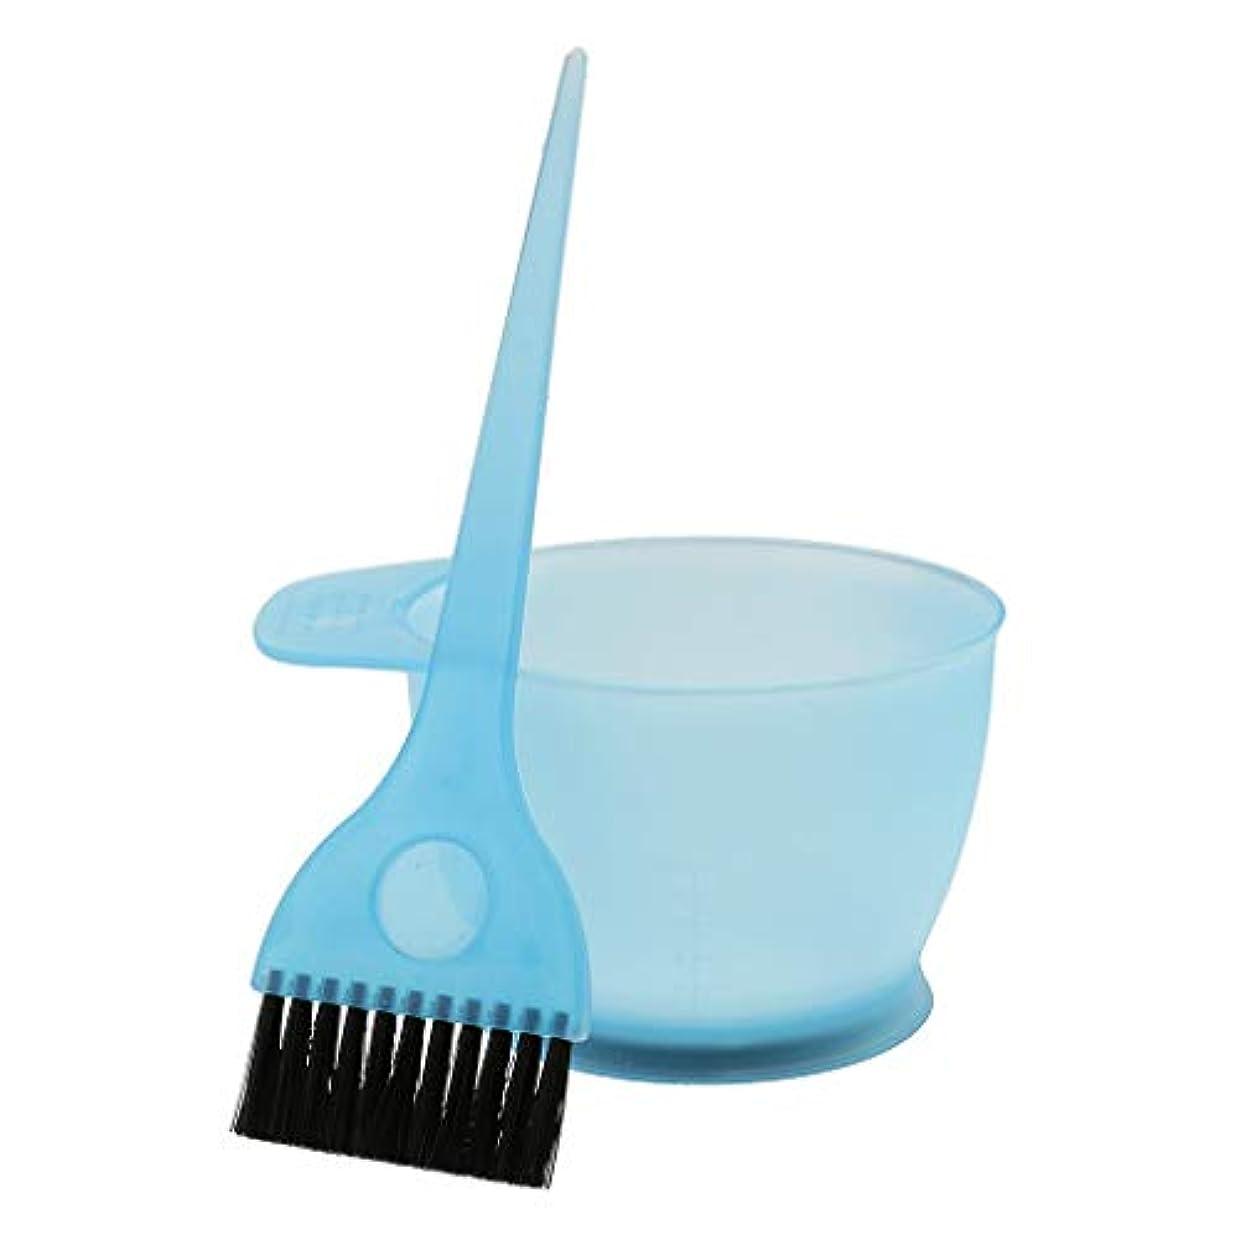 ペンス拒絶タンザニア髪の色合い染料着色ツールのためのサロン髪色染料ボウル櫛ブラシセットスーツ (ブルー)